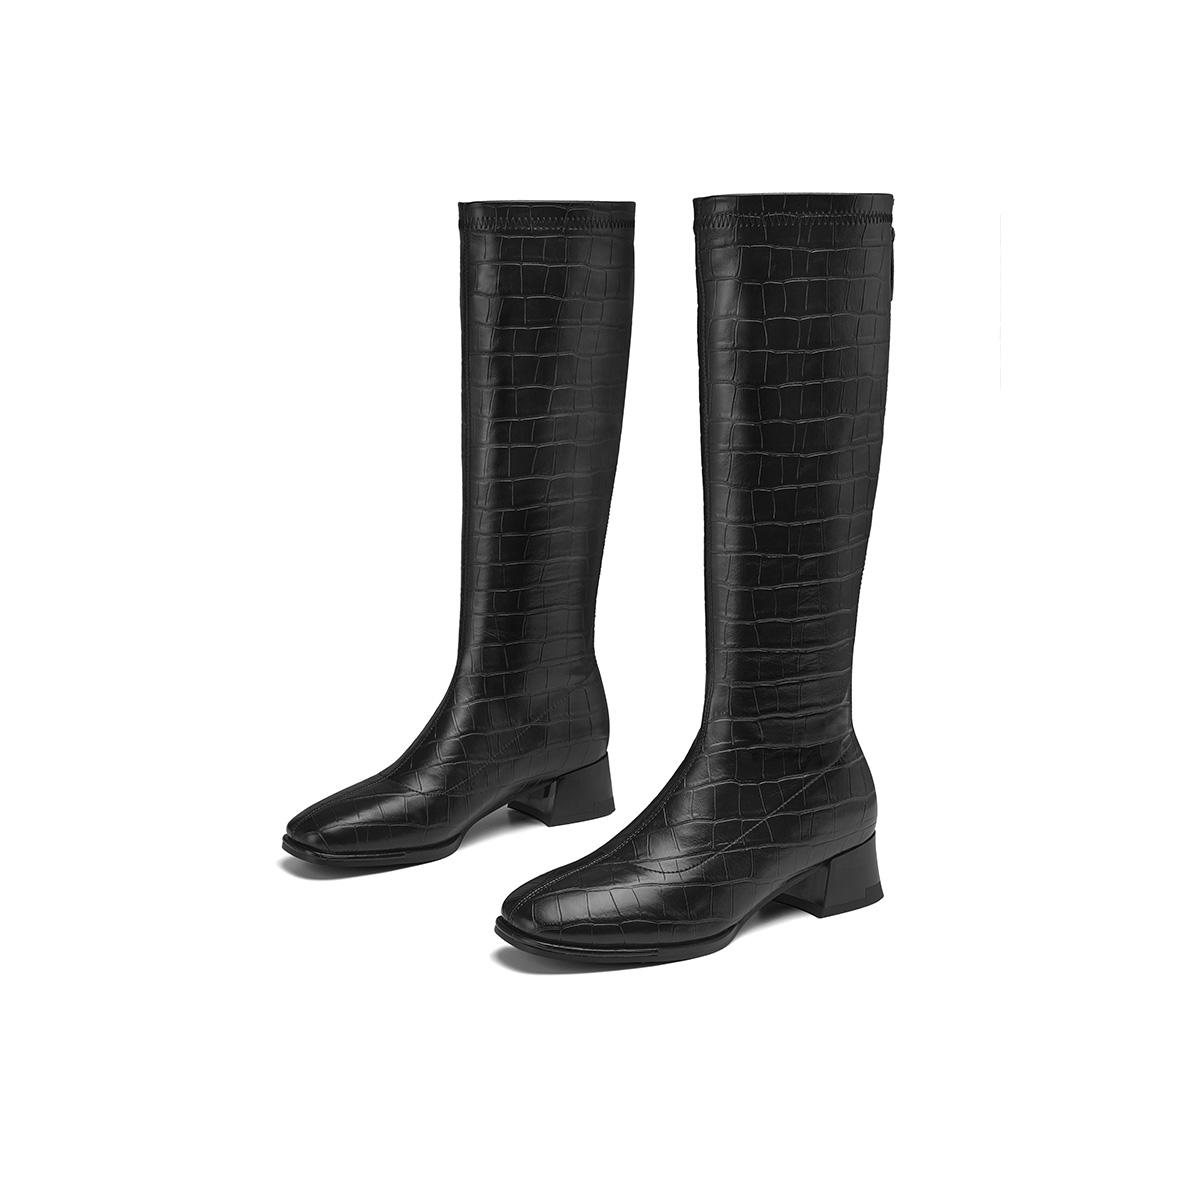 【马丁靴】2021秋冬新款长靴后拉链粗跟百搭女靴马丁靴